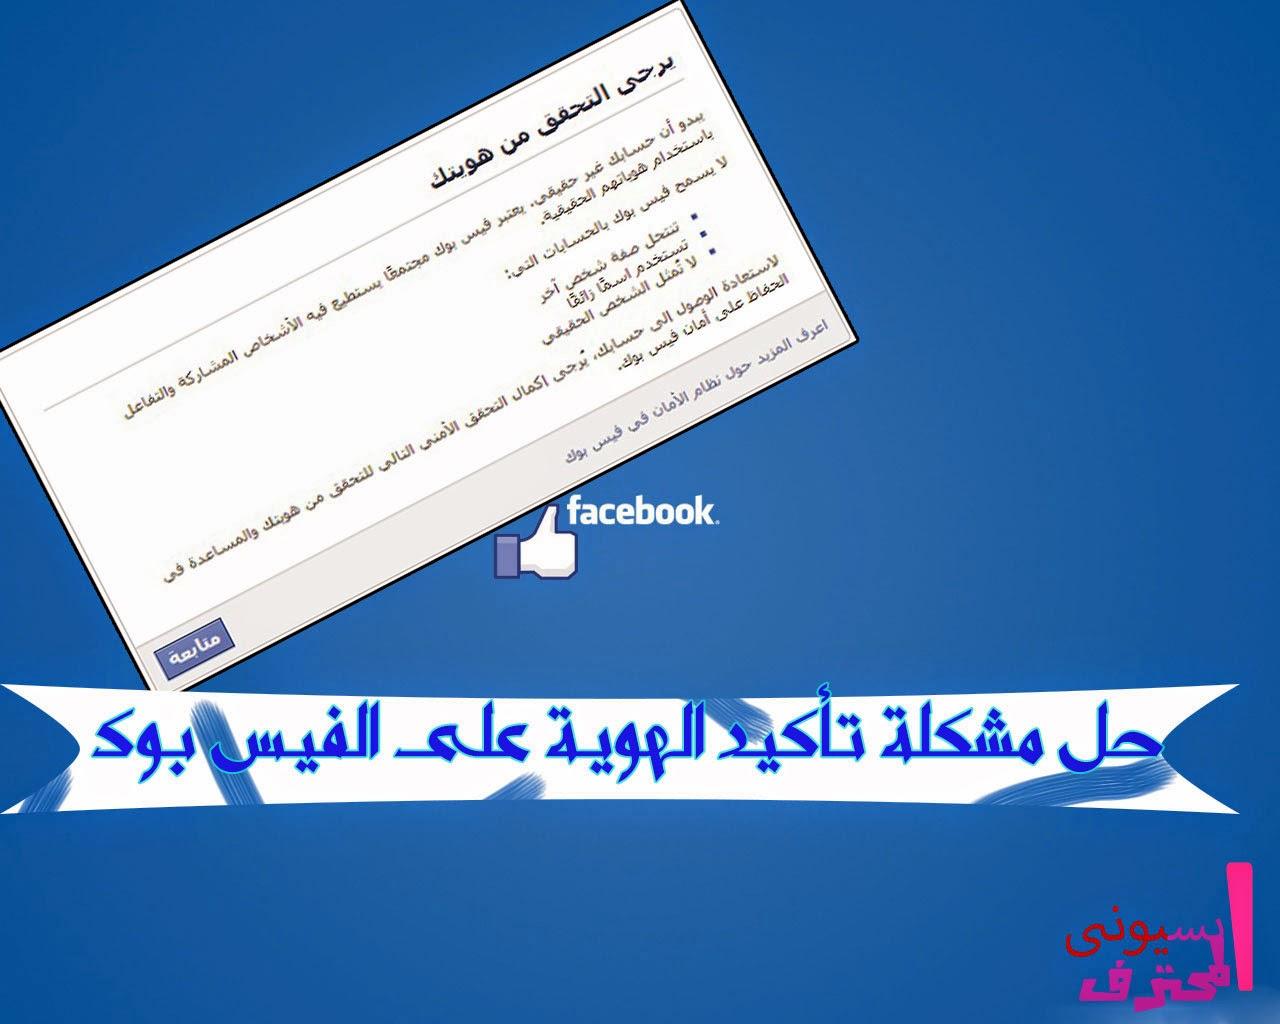 تأكيد الهوية لحسابك على الفيس بوك